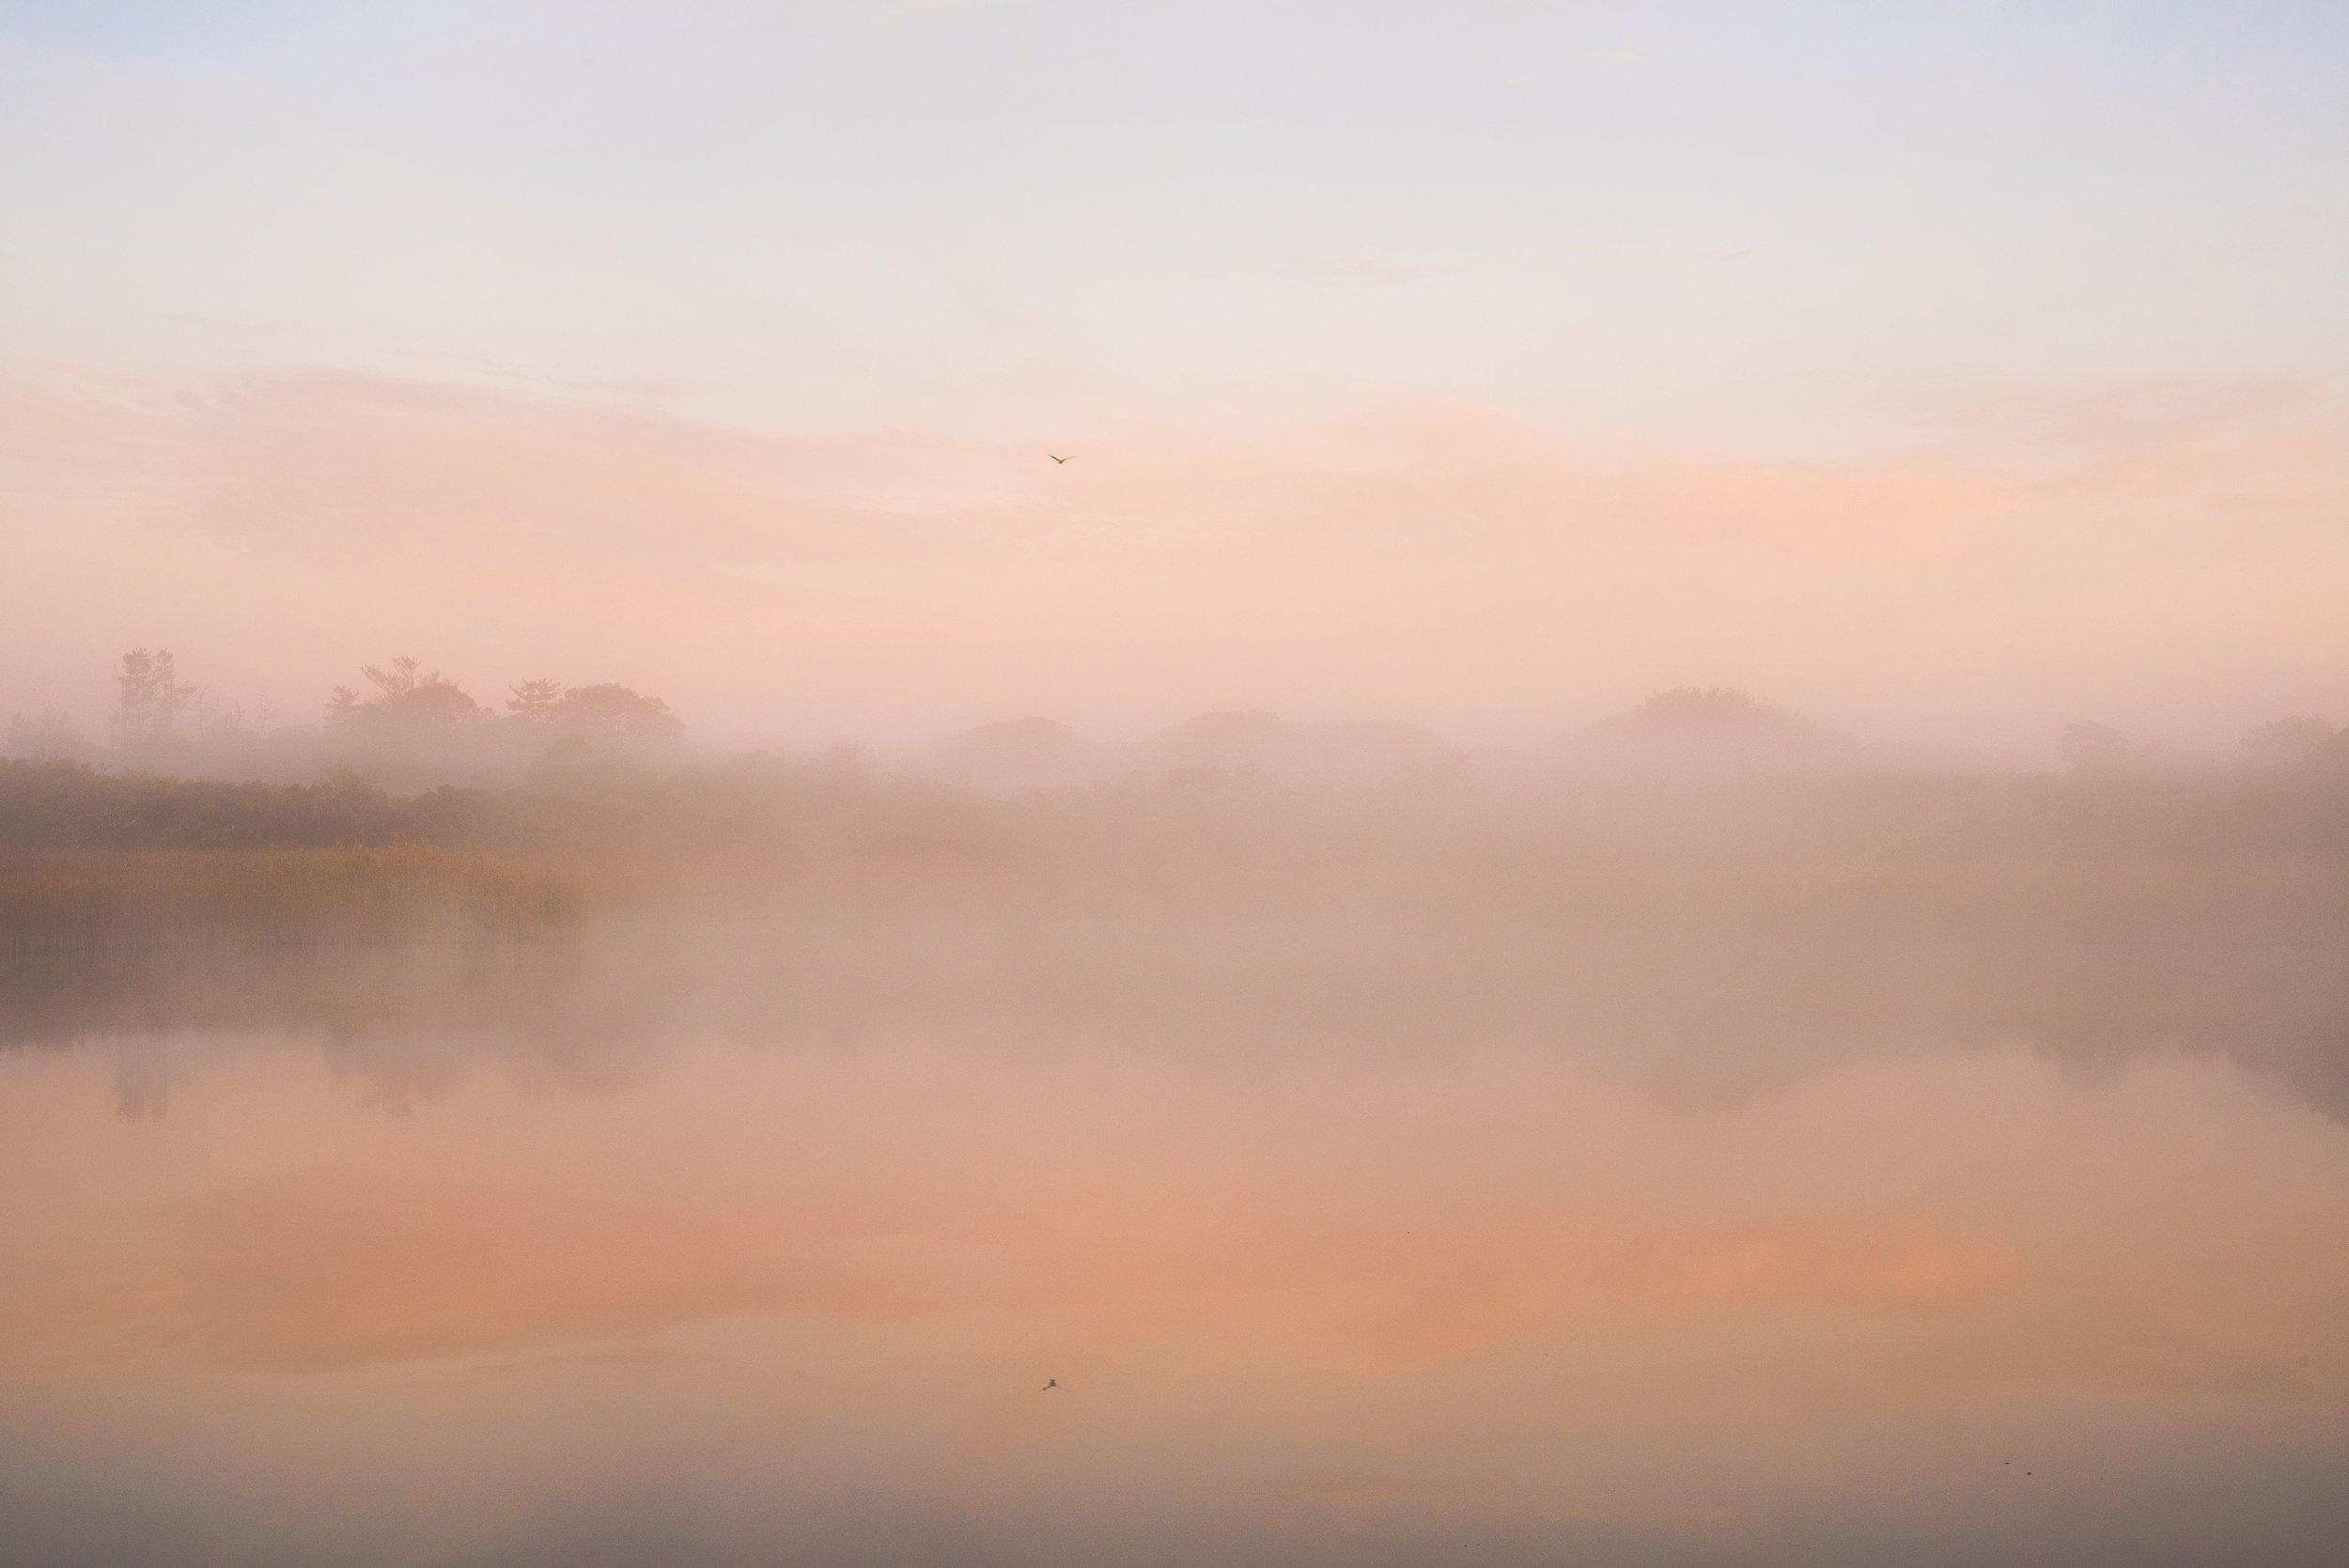 Sesachacha Creek II - Bird